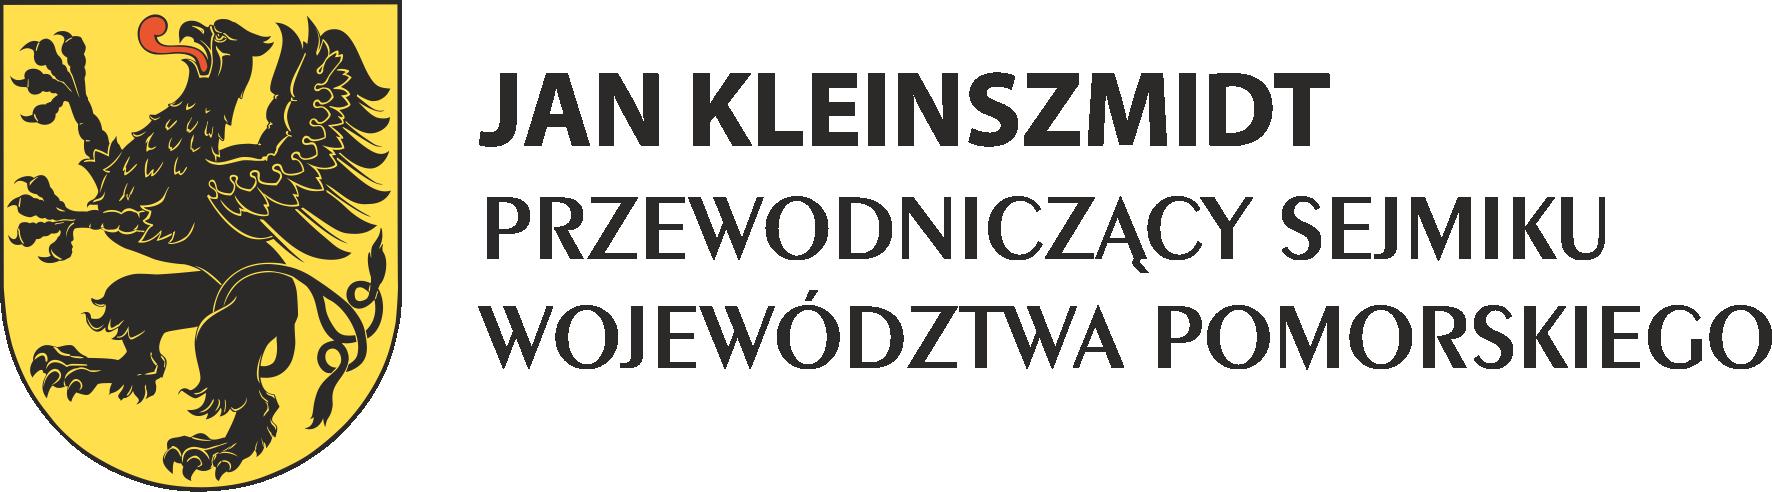 JAN KLEINSZMIDT-PRZEWODNICZACY SEJMIKU WP-poziom-kolor-RGB-2013